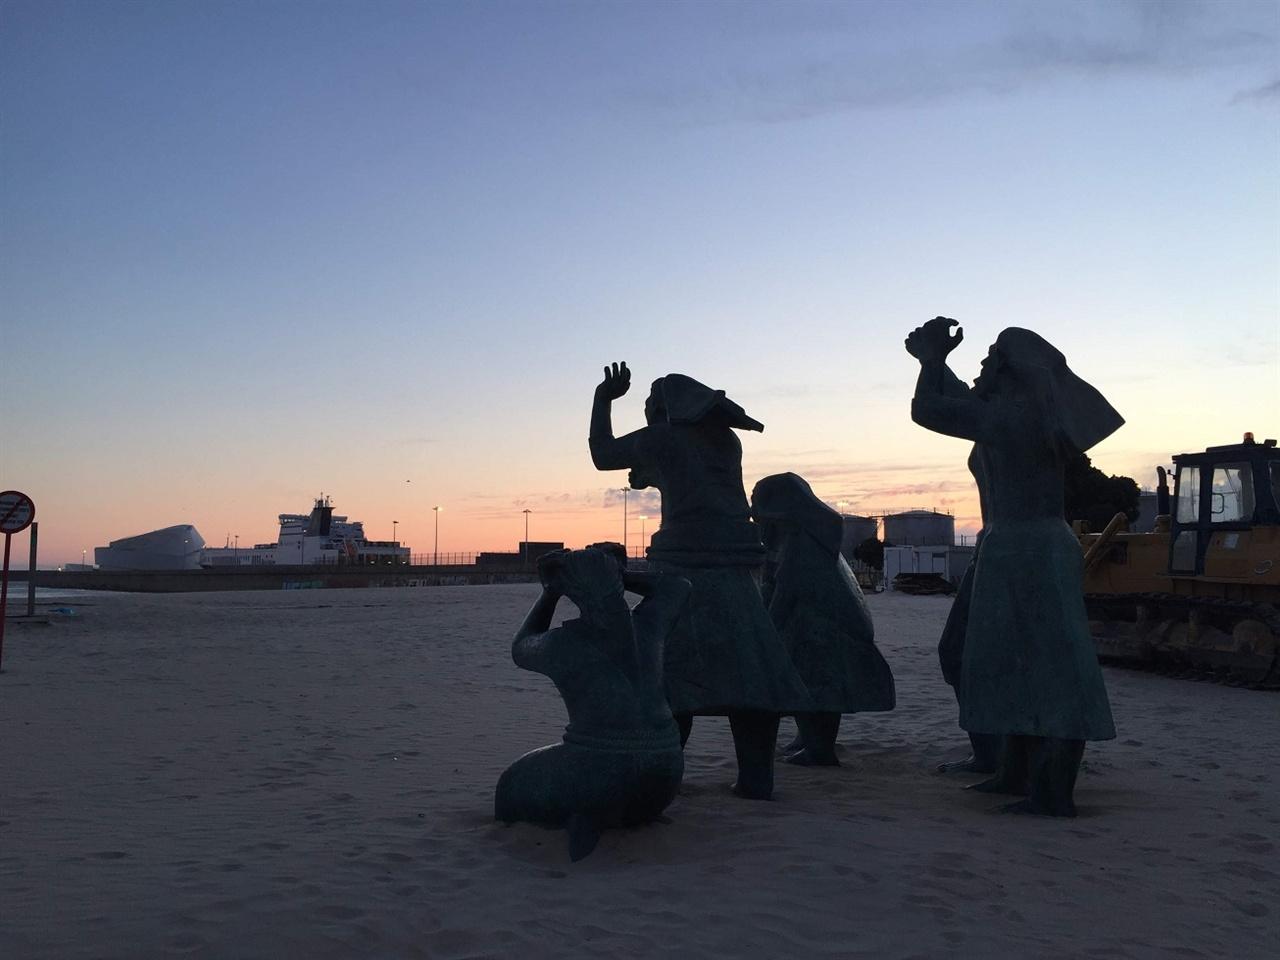 '해변의 비극'이라는 작품이었어요.  이 곳 출신의 작가가 그려놓은 작품을 토대로 만들어 놓은 작품을 배경으로, 오늘 이 곳의 태양과 작별 인사를 나누네요. 아름다운 바다였어요. 감사합니다.